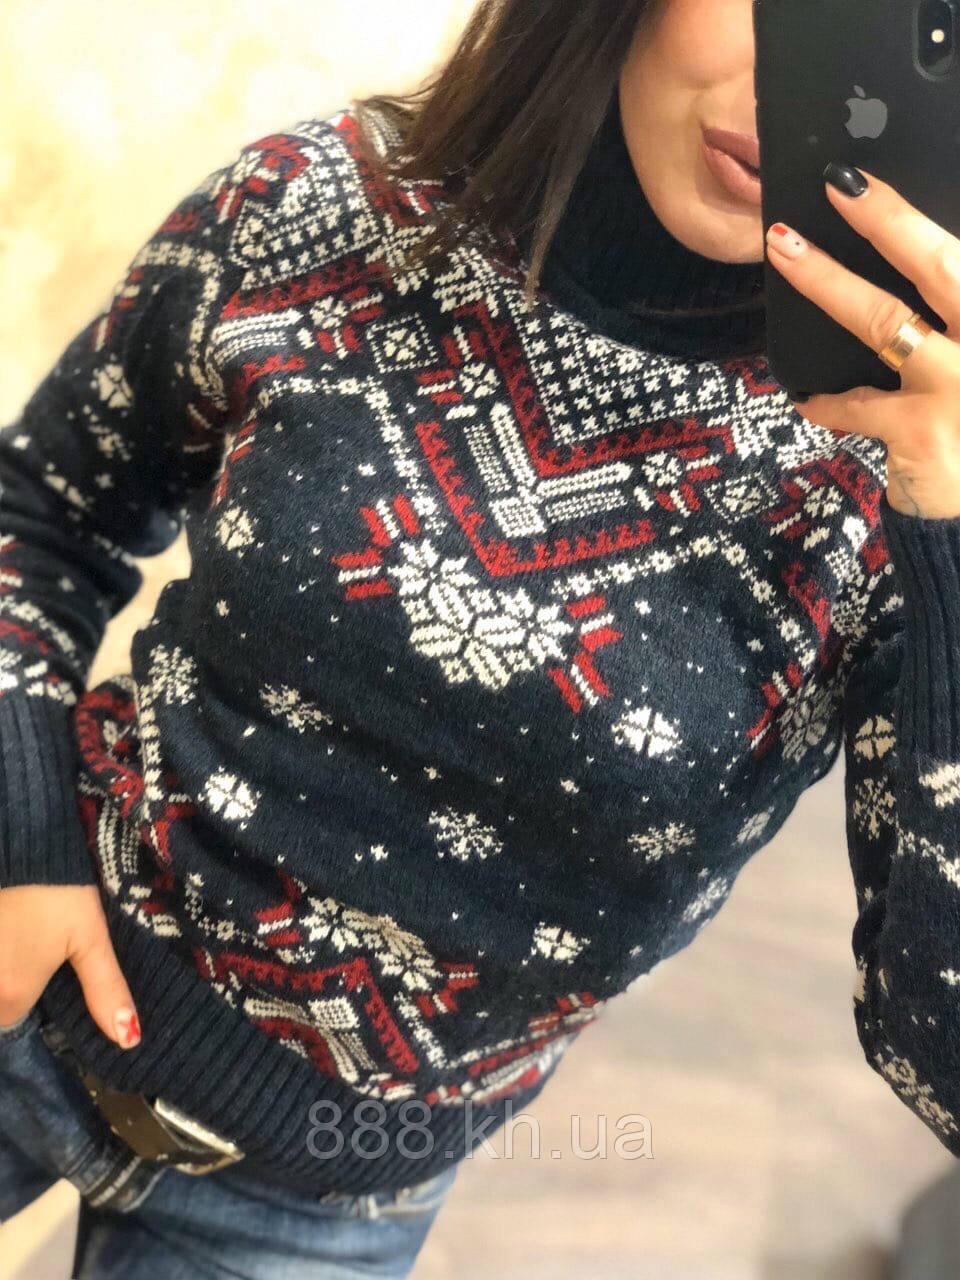 Модный шерстяной женский свитер с рисунком (вязка)на новый год